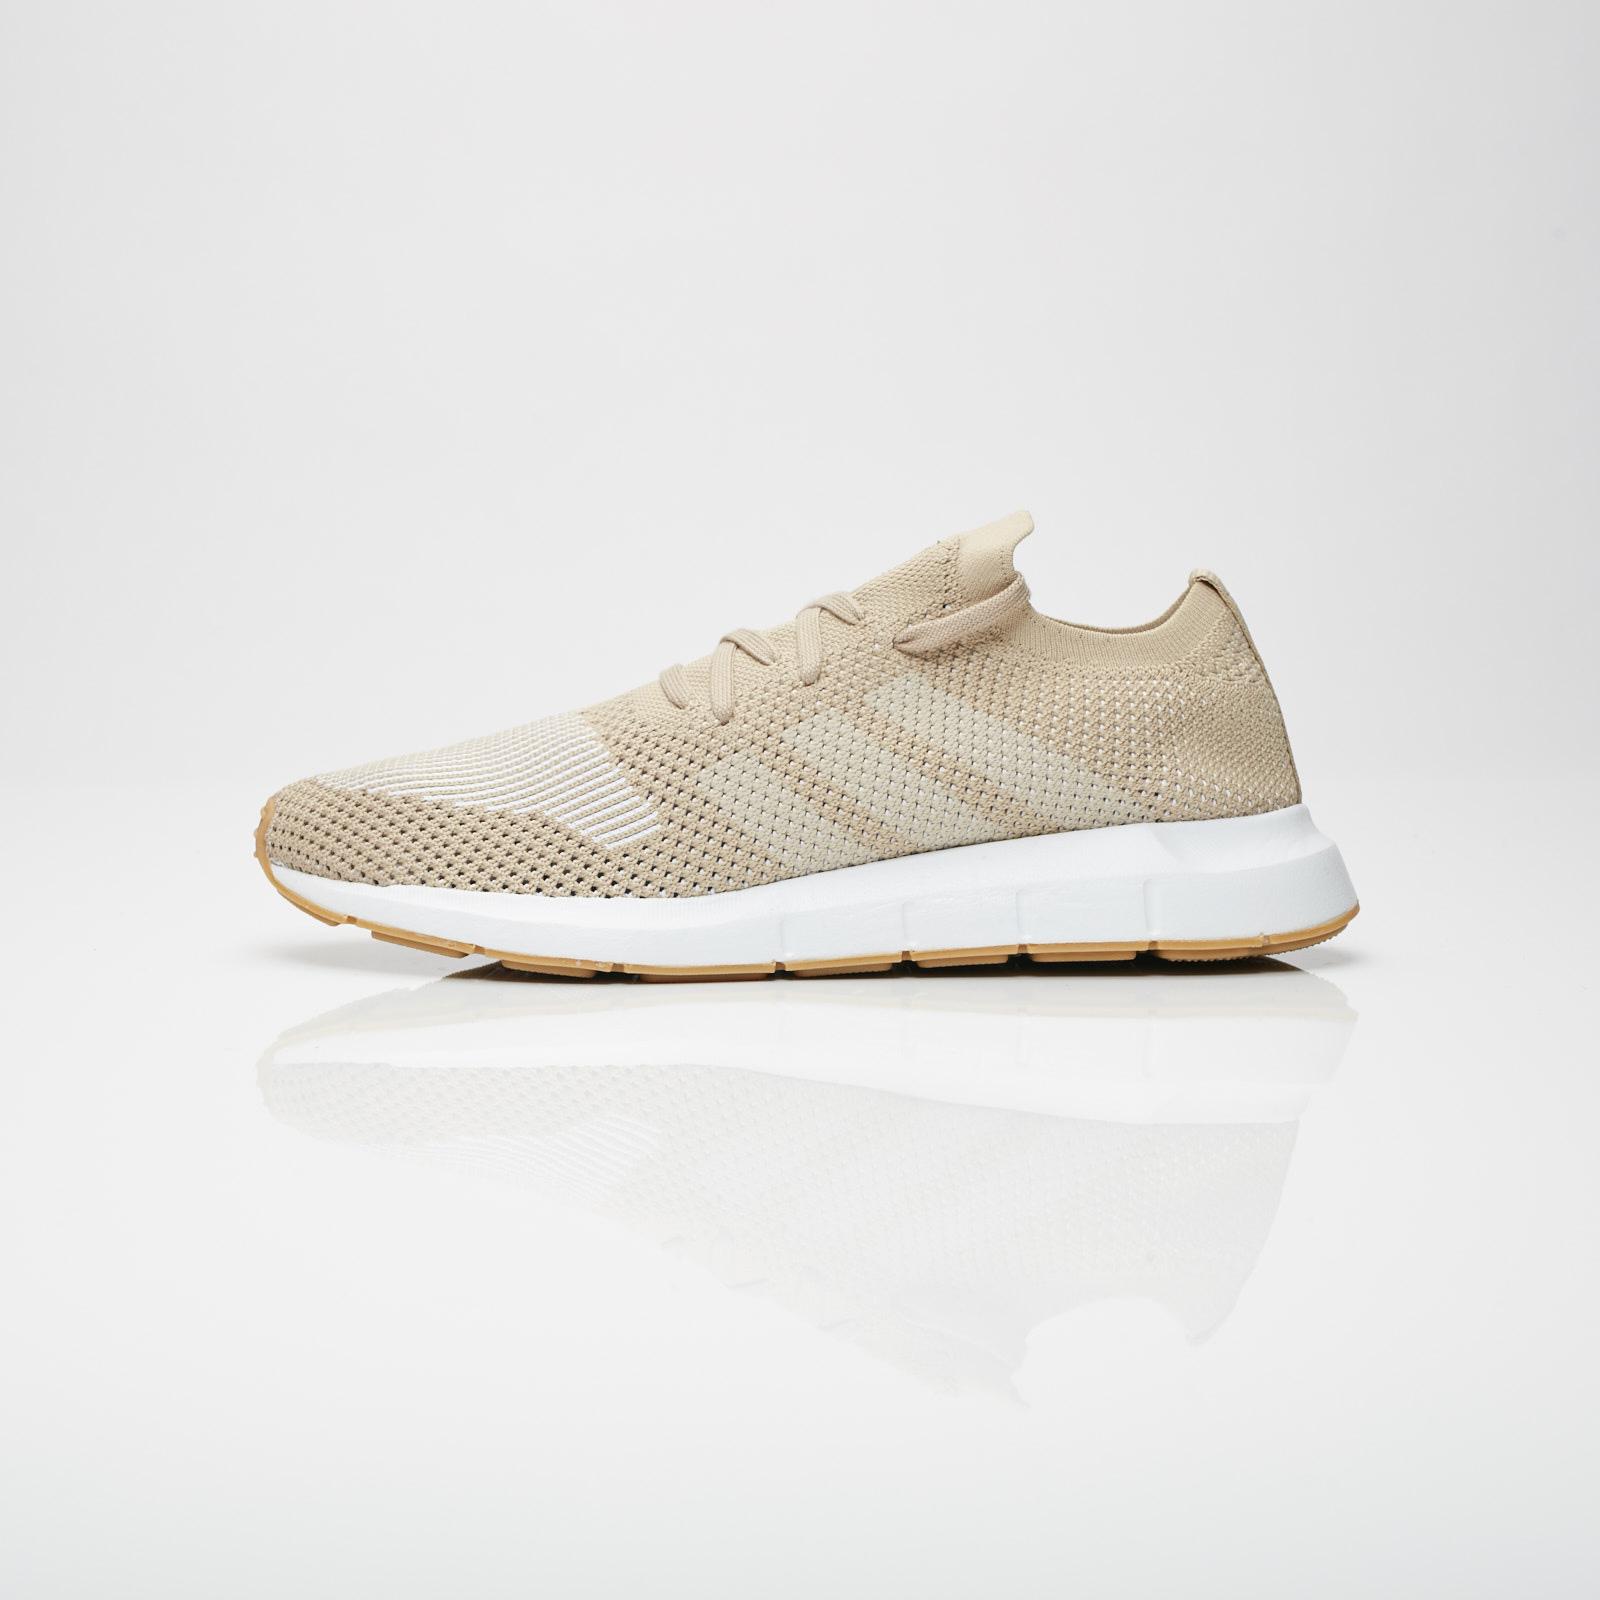 43f112f8c adidas Swift Run PK - Cq2890 - Sneakersnstuff